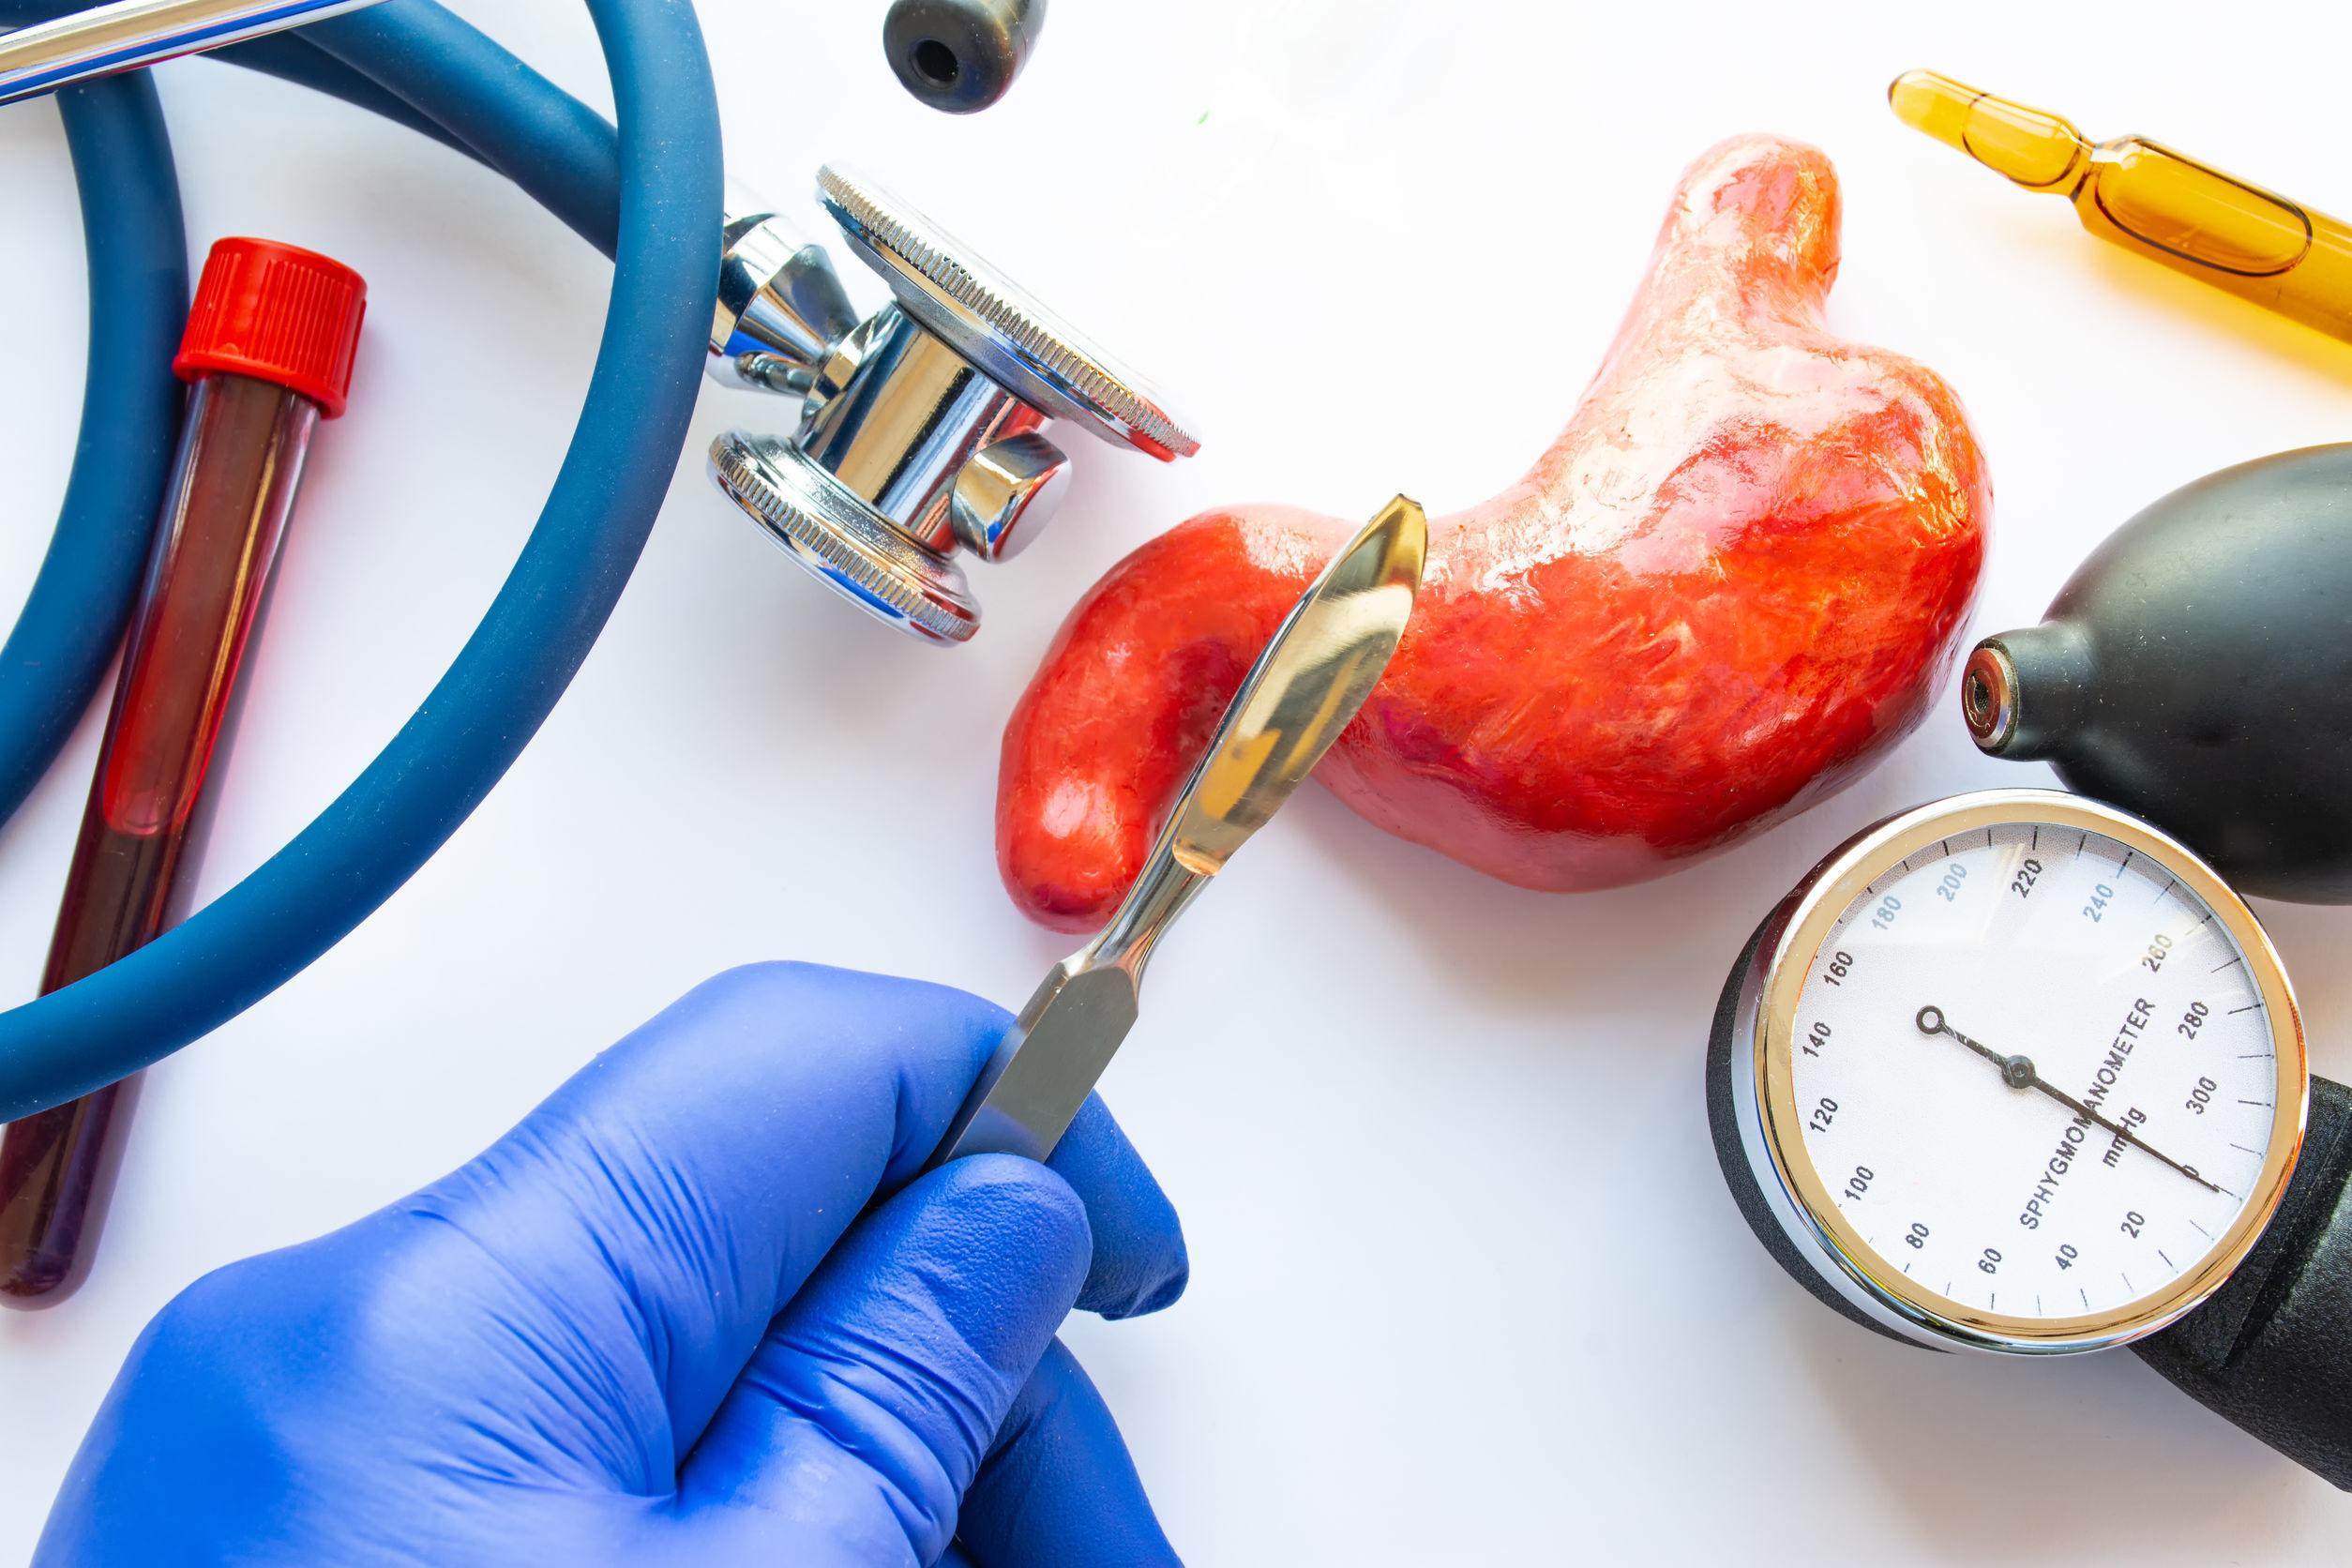 De Gastric Bypass: een operatieve methode voor snel en langdurig gewichtsverlies door middel van een maagverkleining en -omleiding